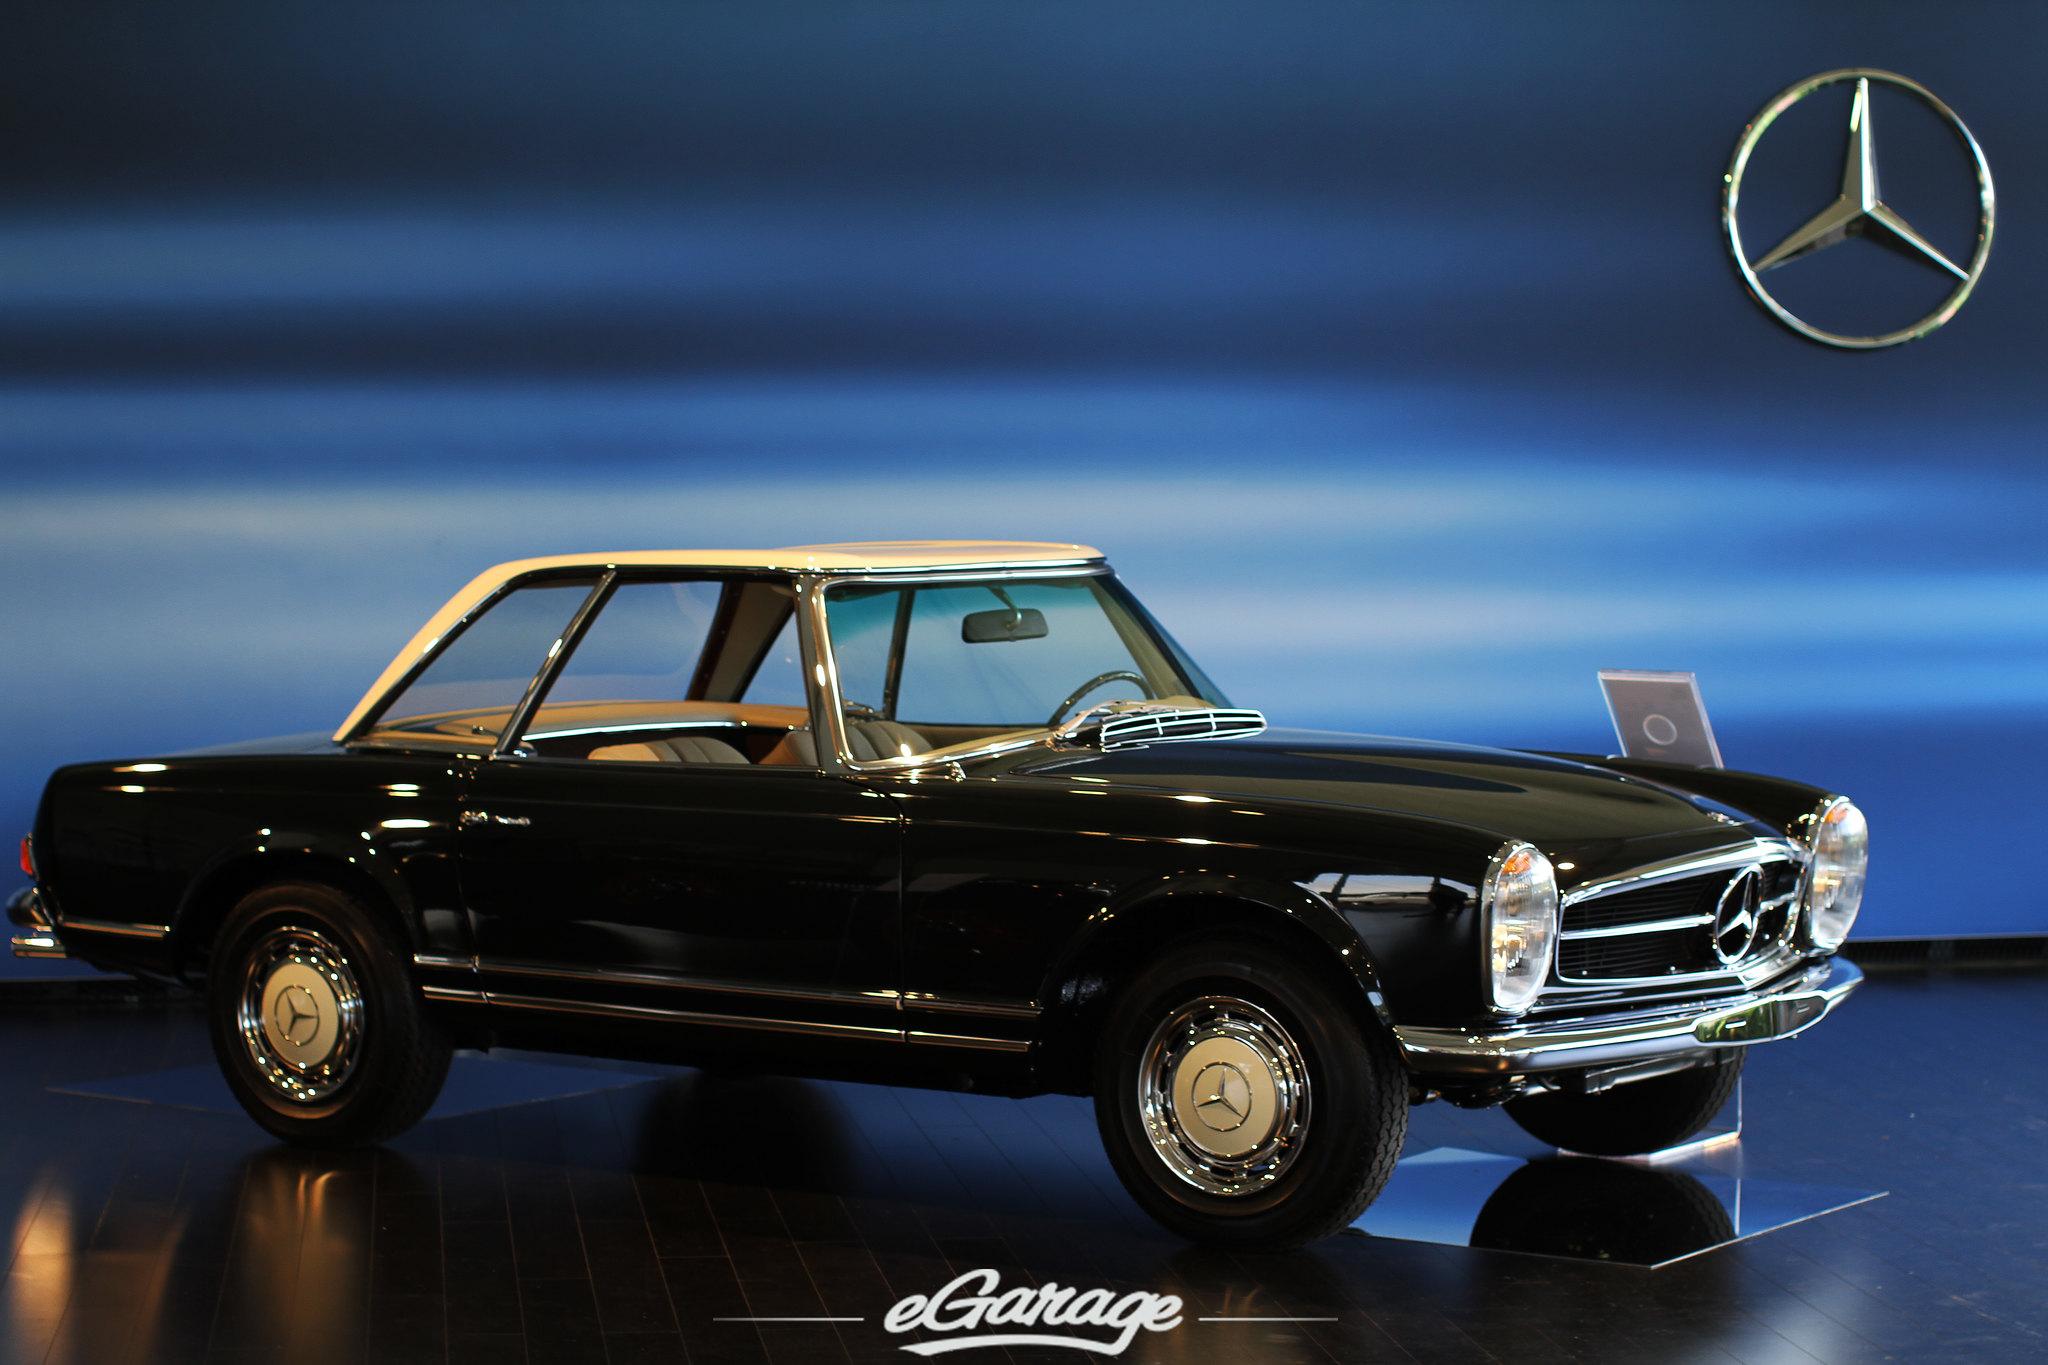 7828718318 2c55d6b4f8 k Mercedes Benz Classic